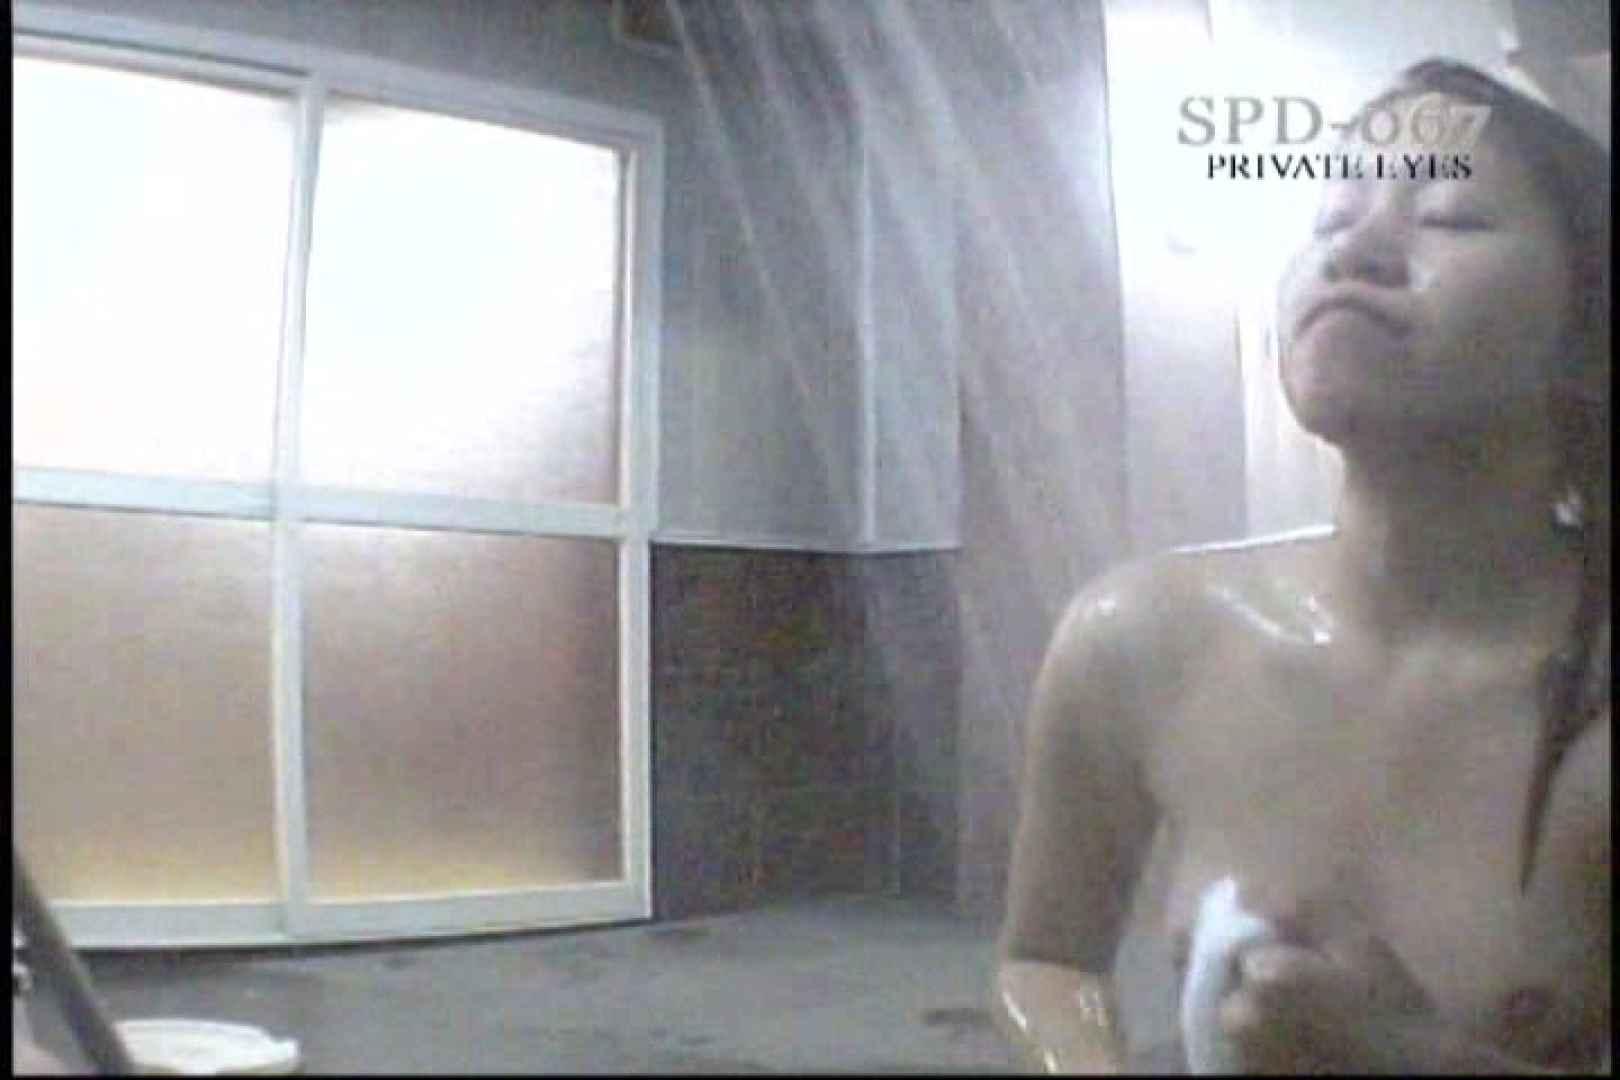 高画質版!SPD-067 脱衣所から洗面所まで 脱衣所で着替え   高画質  86PIX 76